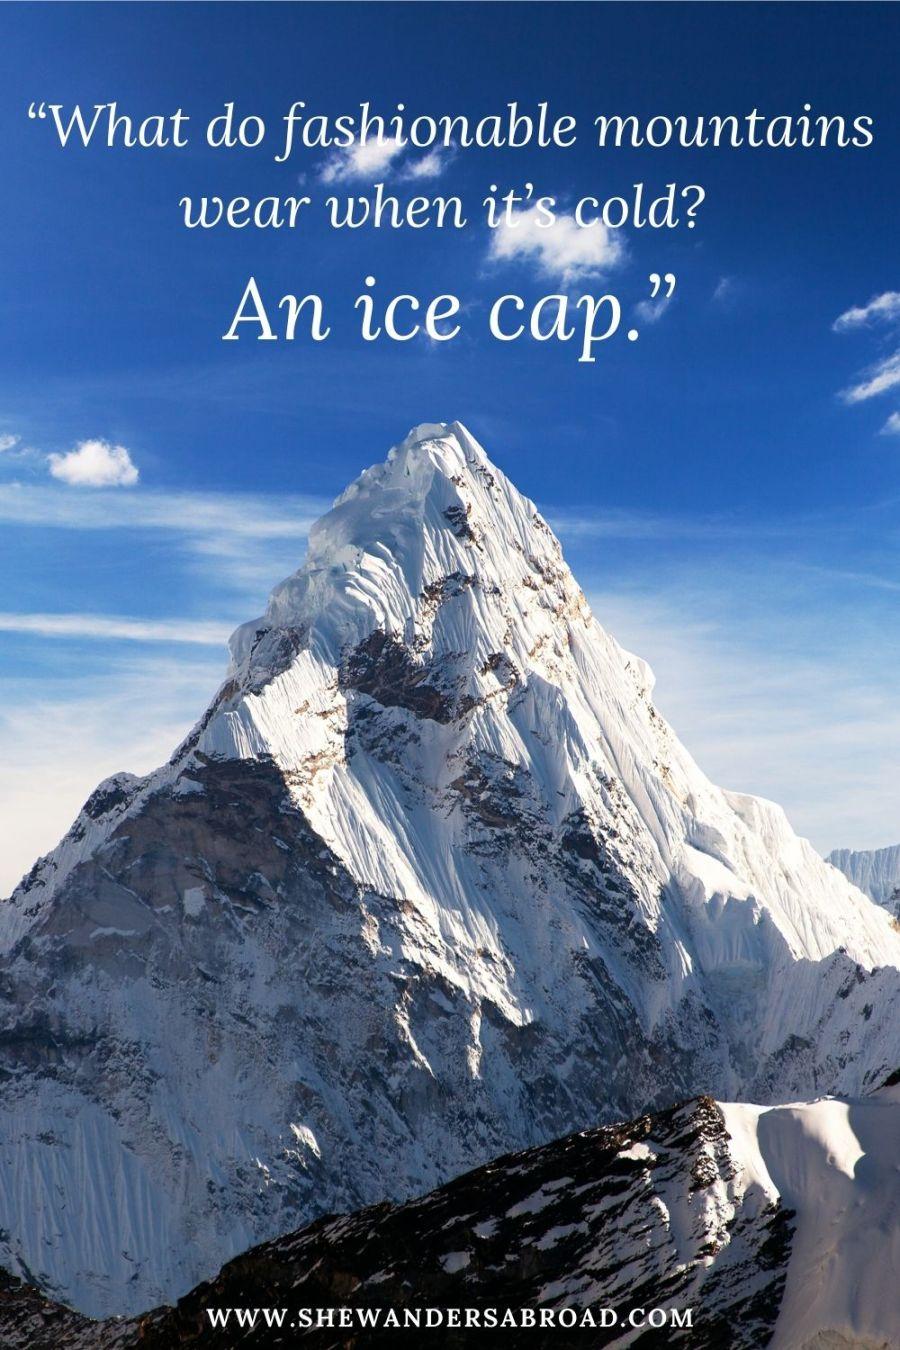 Funny mountain jokes for Instagram